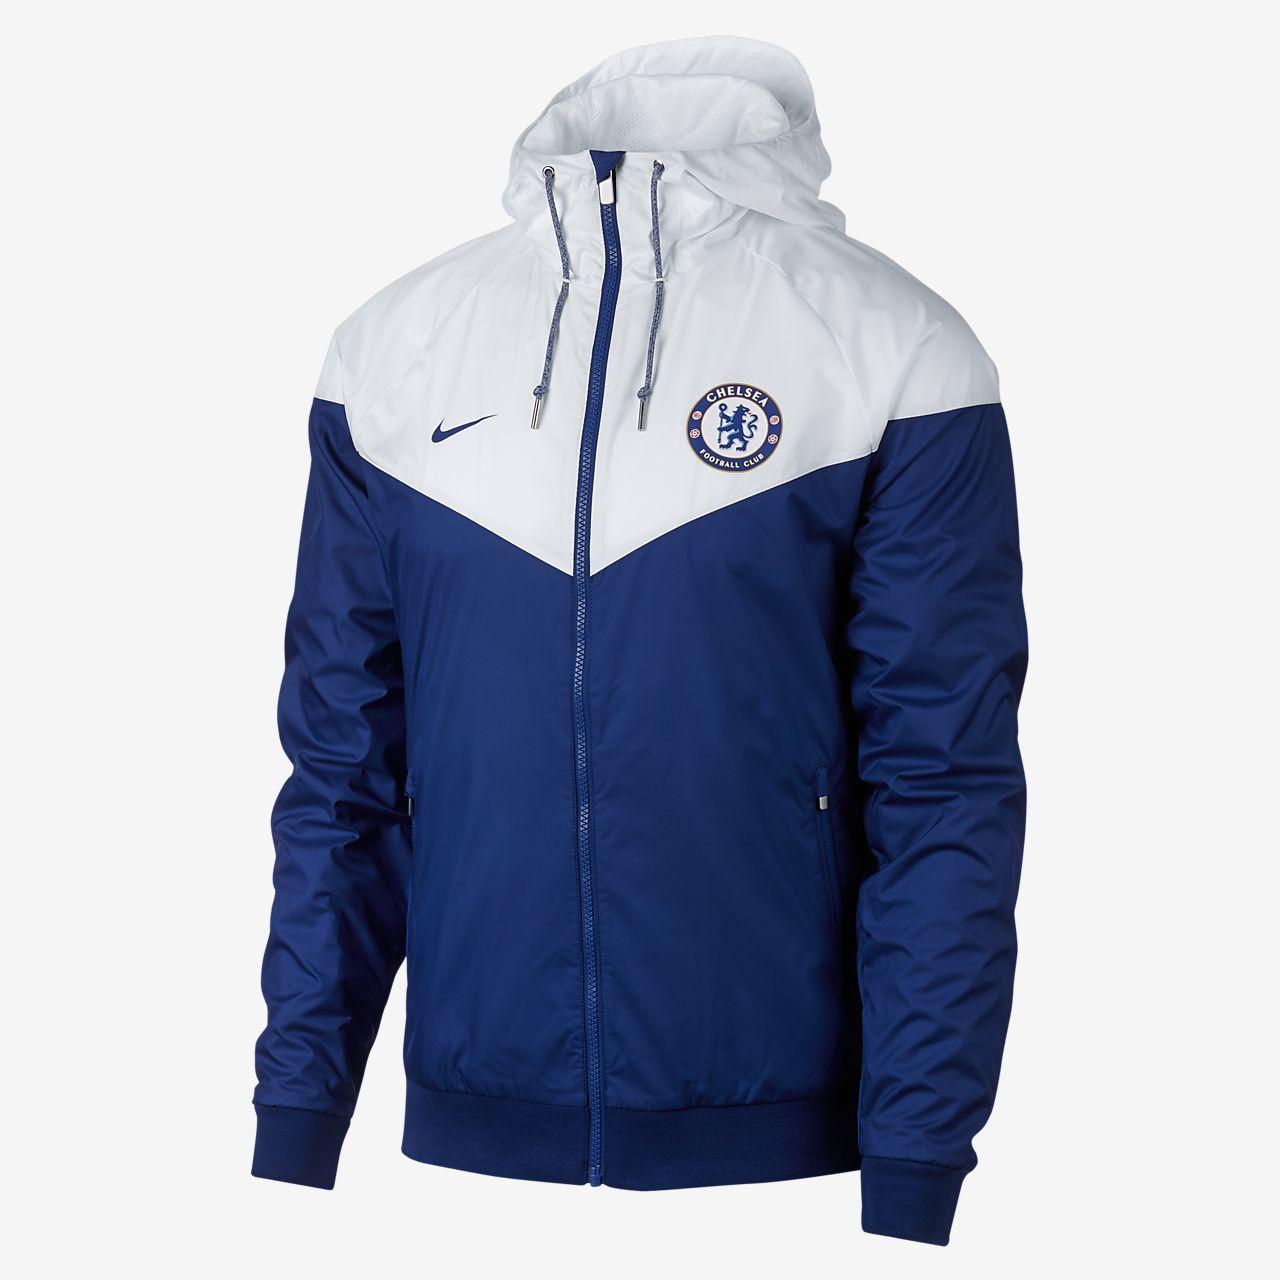 on sale e33e8 0d28c chelsea fc authentic jersey